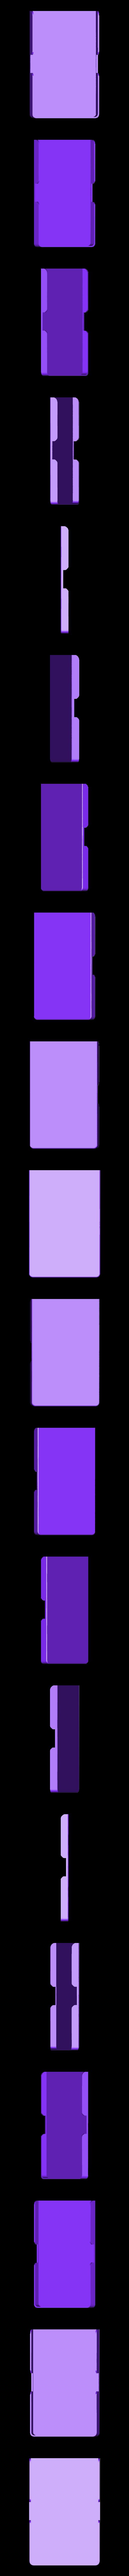 wallet3.stl Télécharger fichier STL gratuit Portefeuille extra fin • Modèle pour imprimante 3D, franciscoczapski